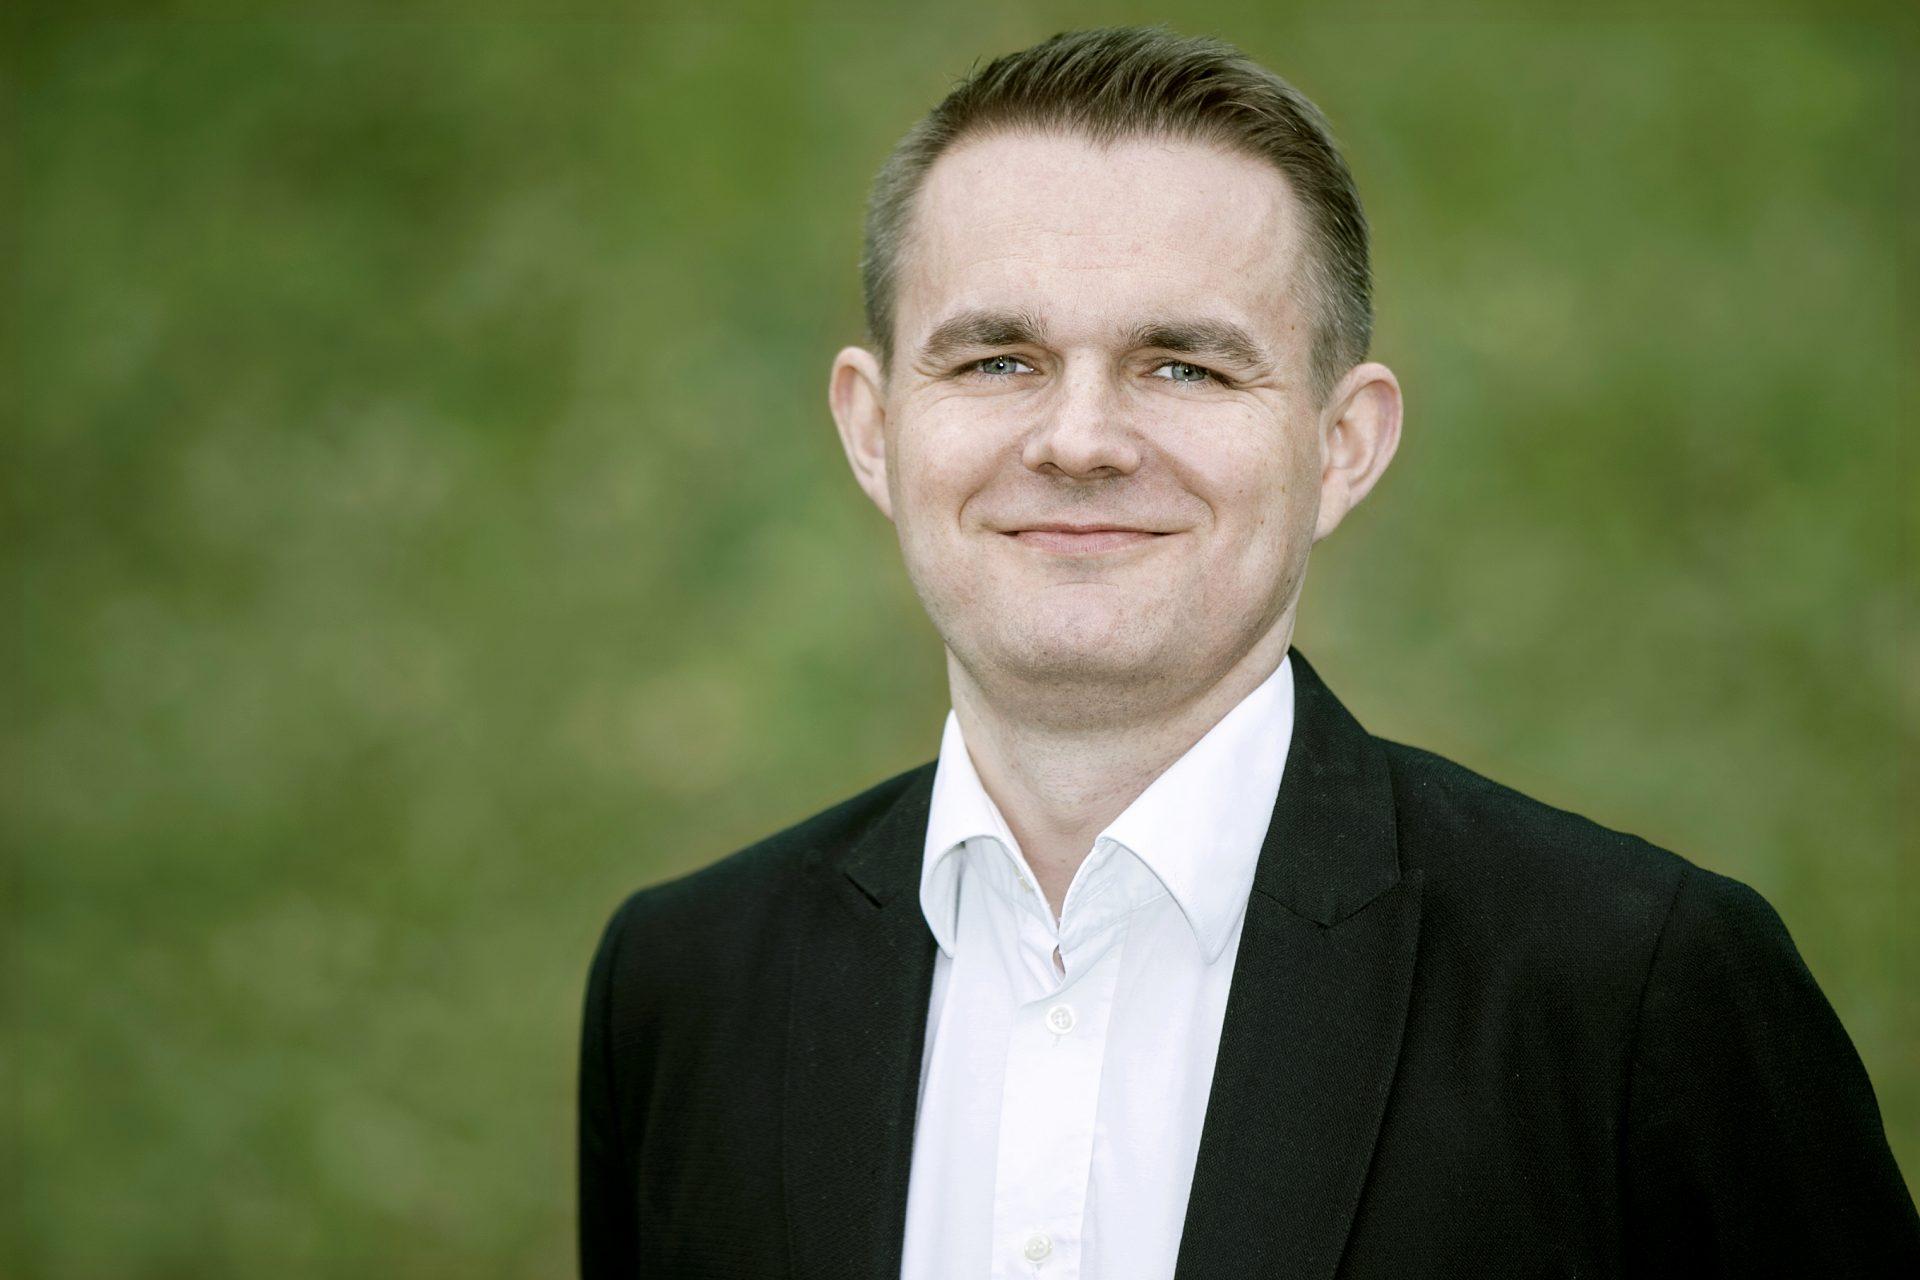 Venstre Horsens Morten G. Christensen